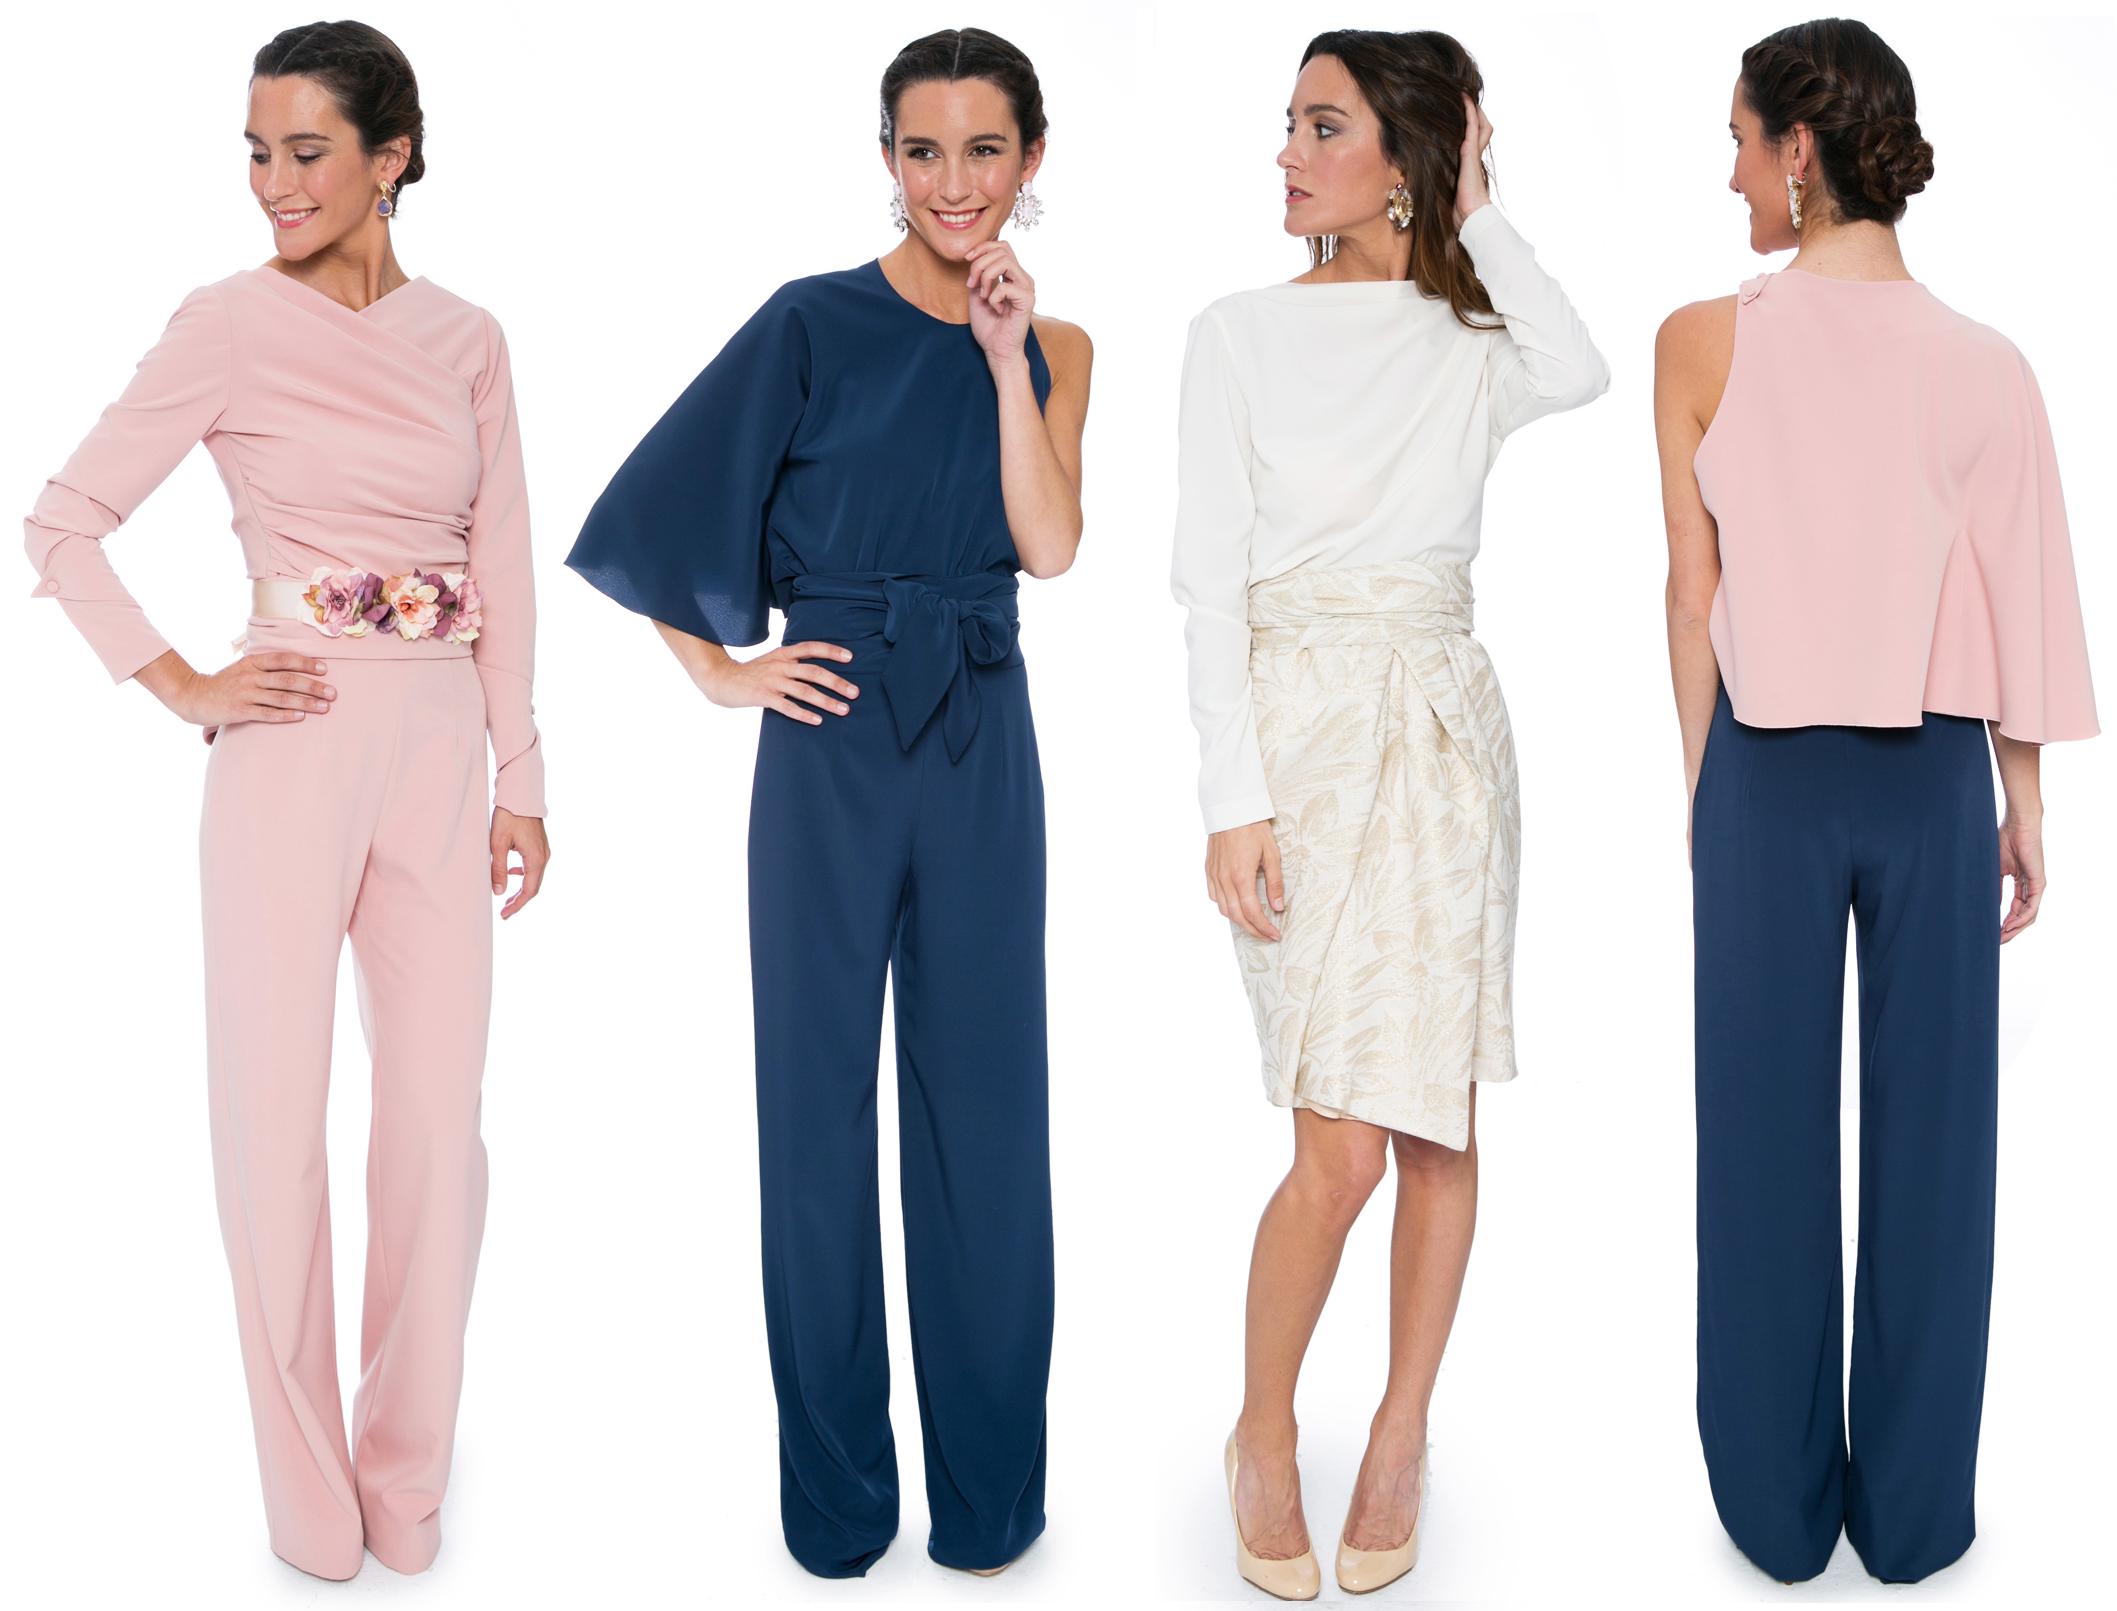 pantalones y faldas para invitada de boda de lamasmona.com